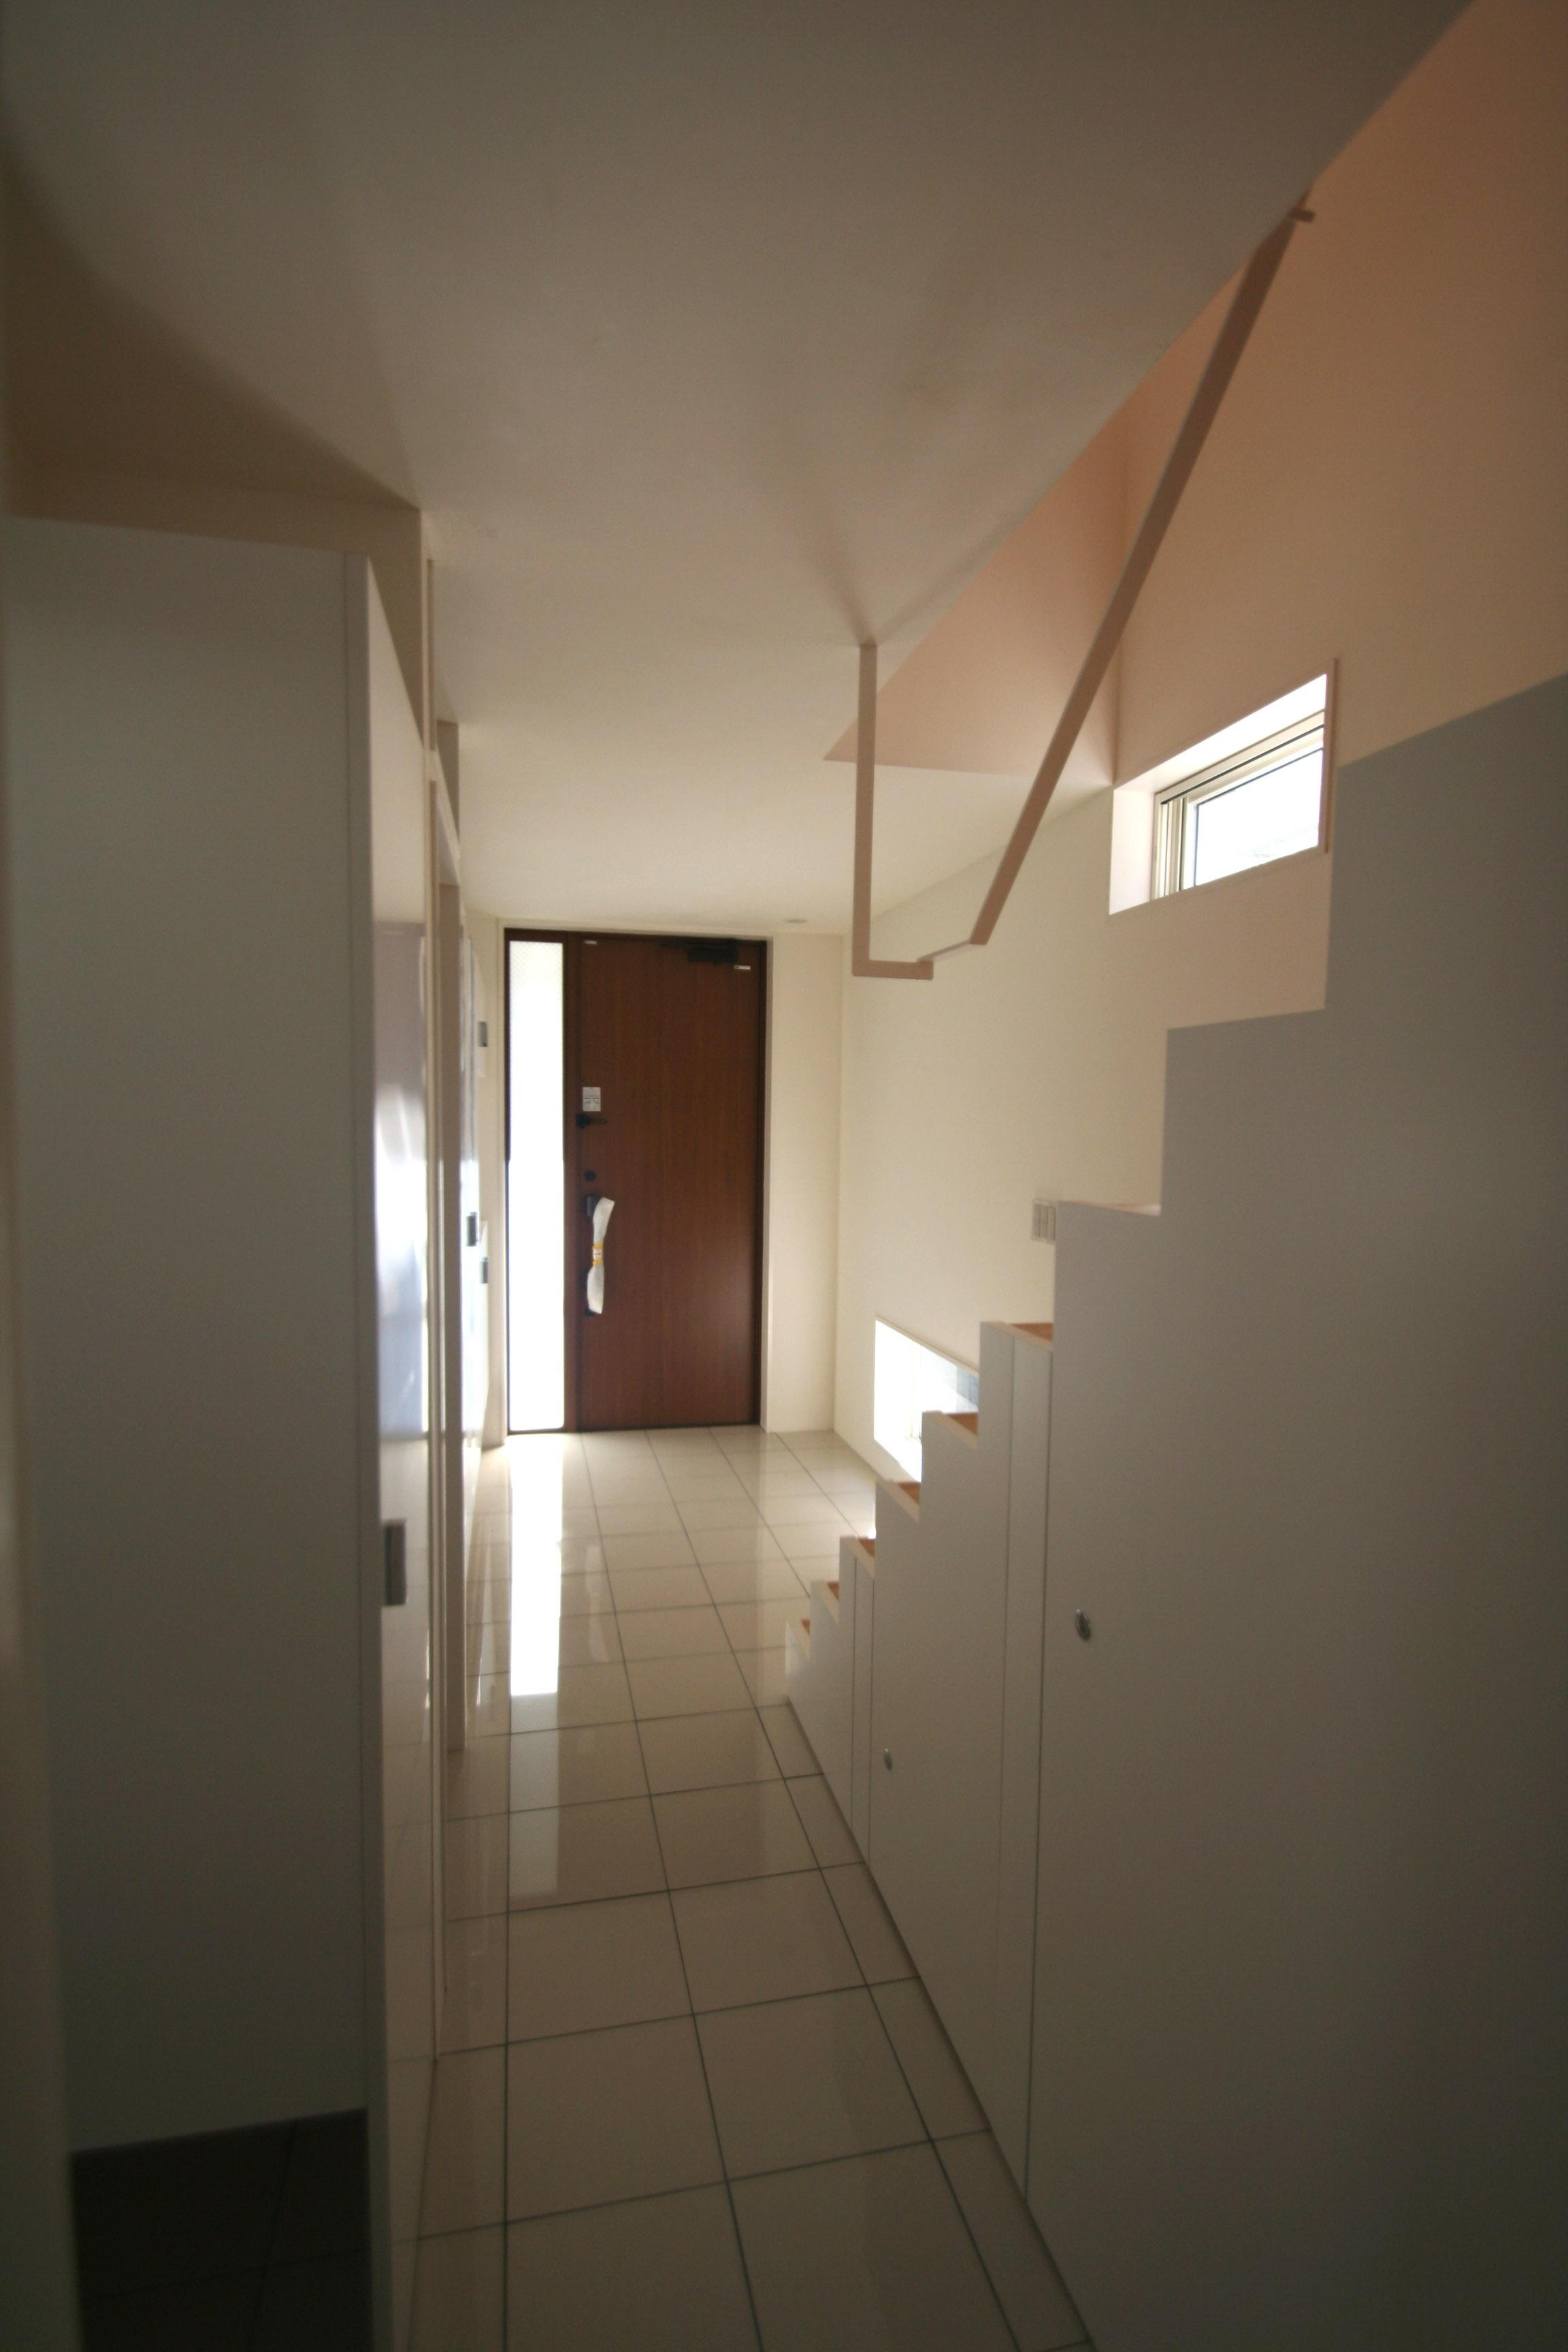 柿の木坂-Tの写真 ハイサイドライトで部屋が明るい玄関